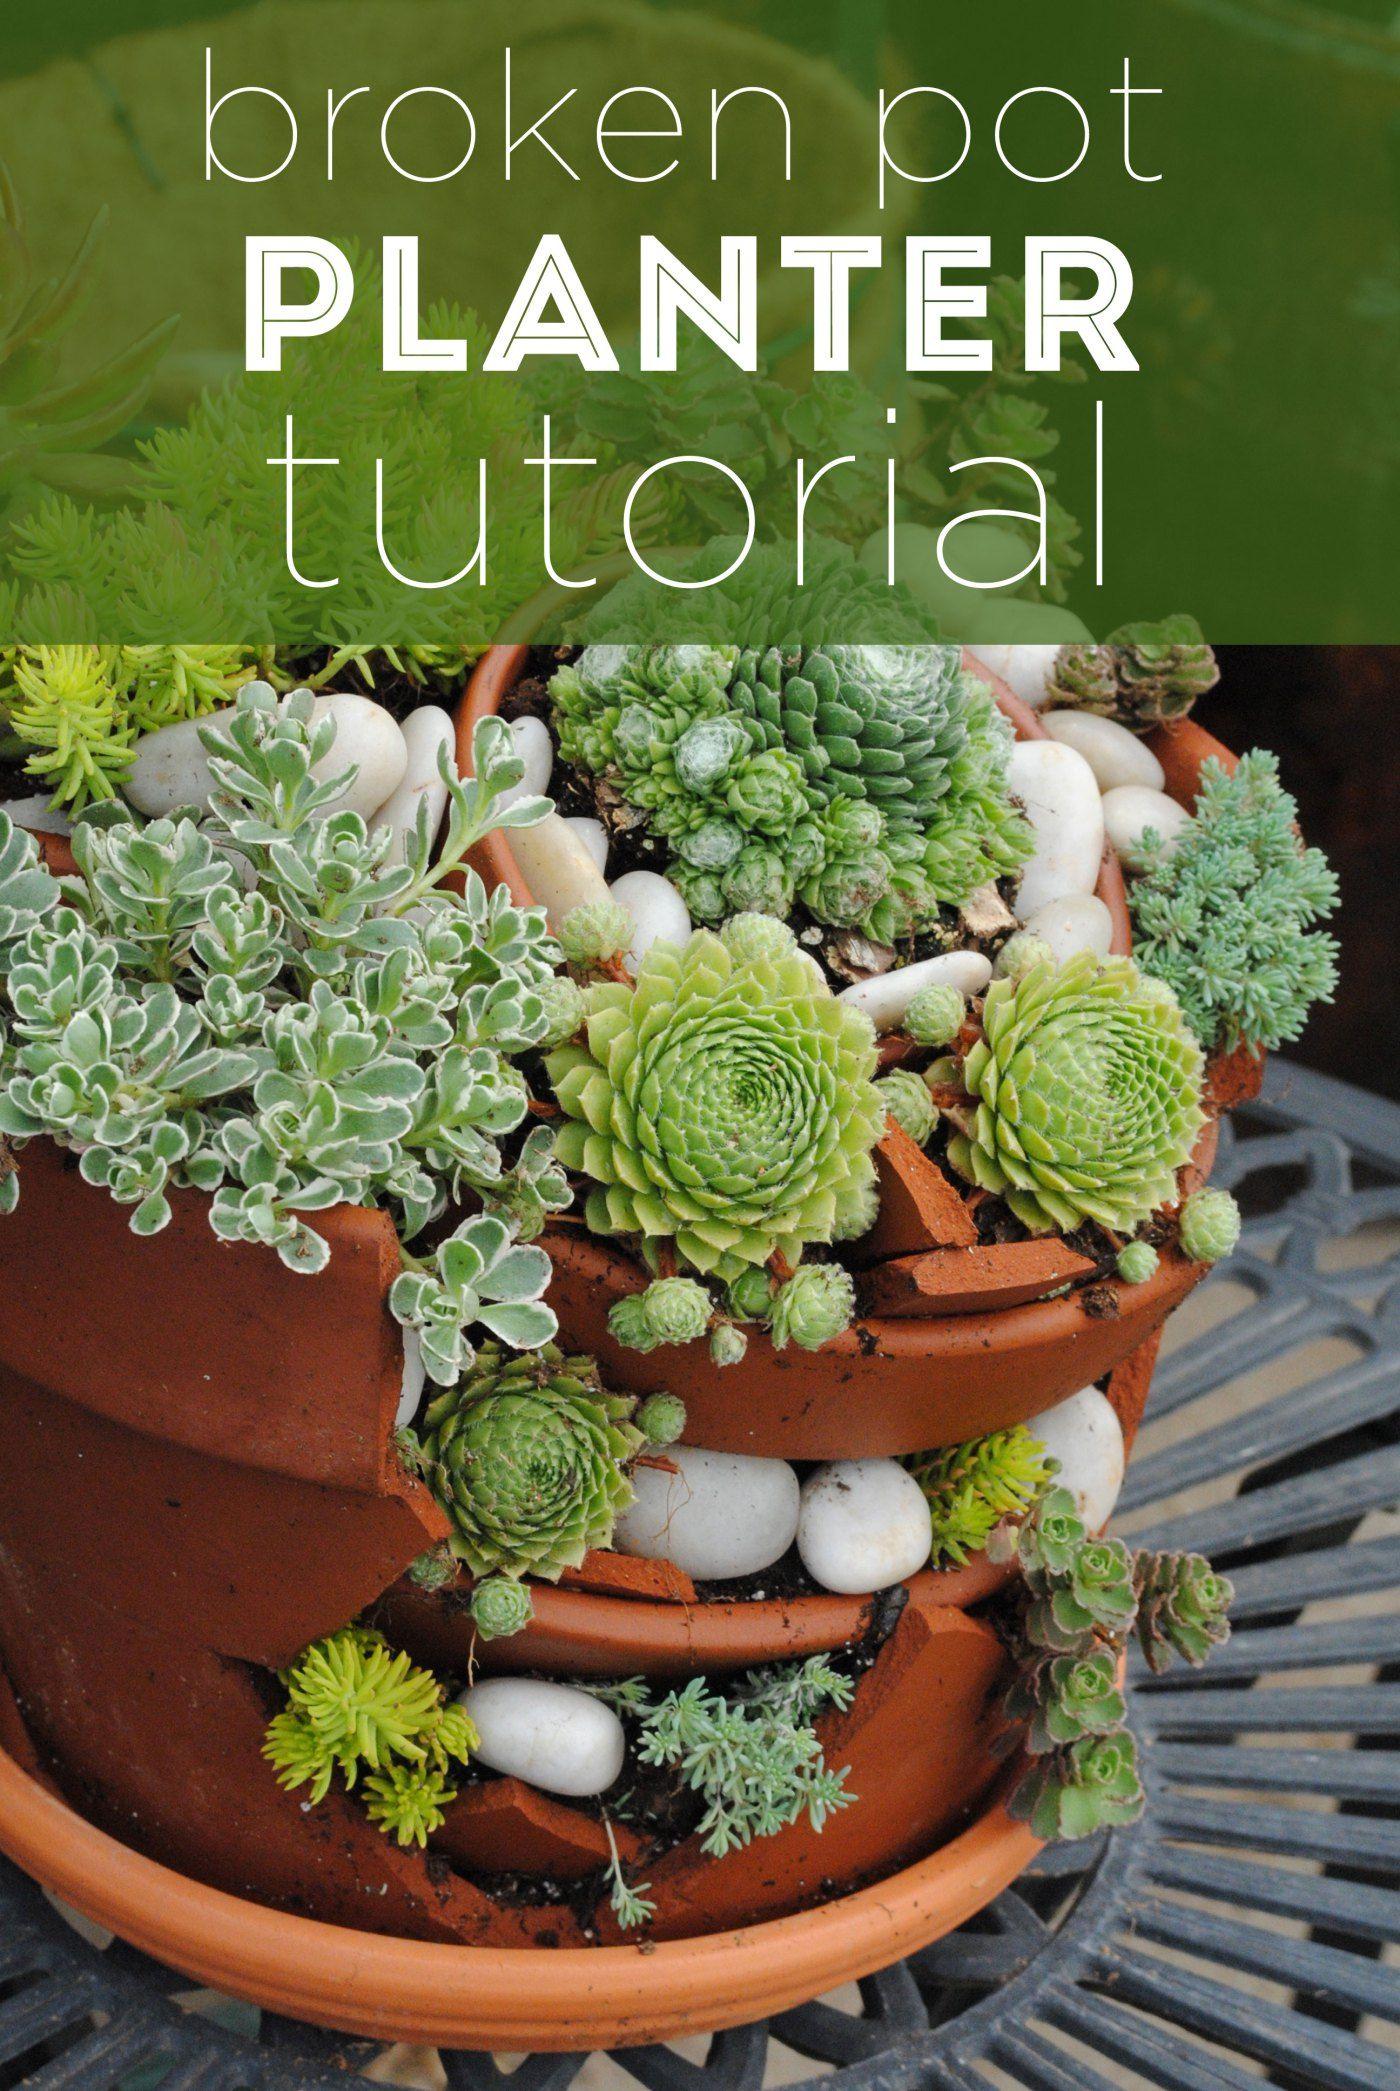 Broken pot planter tutorial succulent pots planter pots succulents garden garden planters